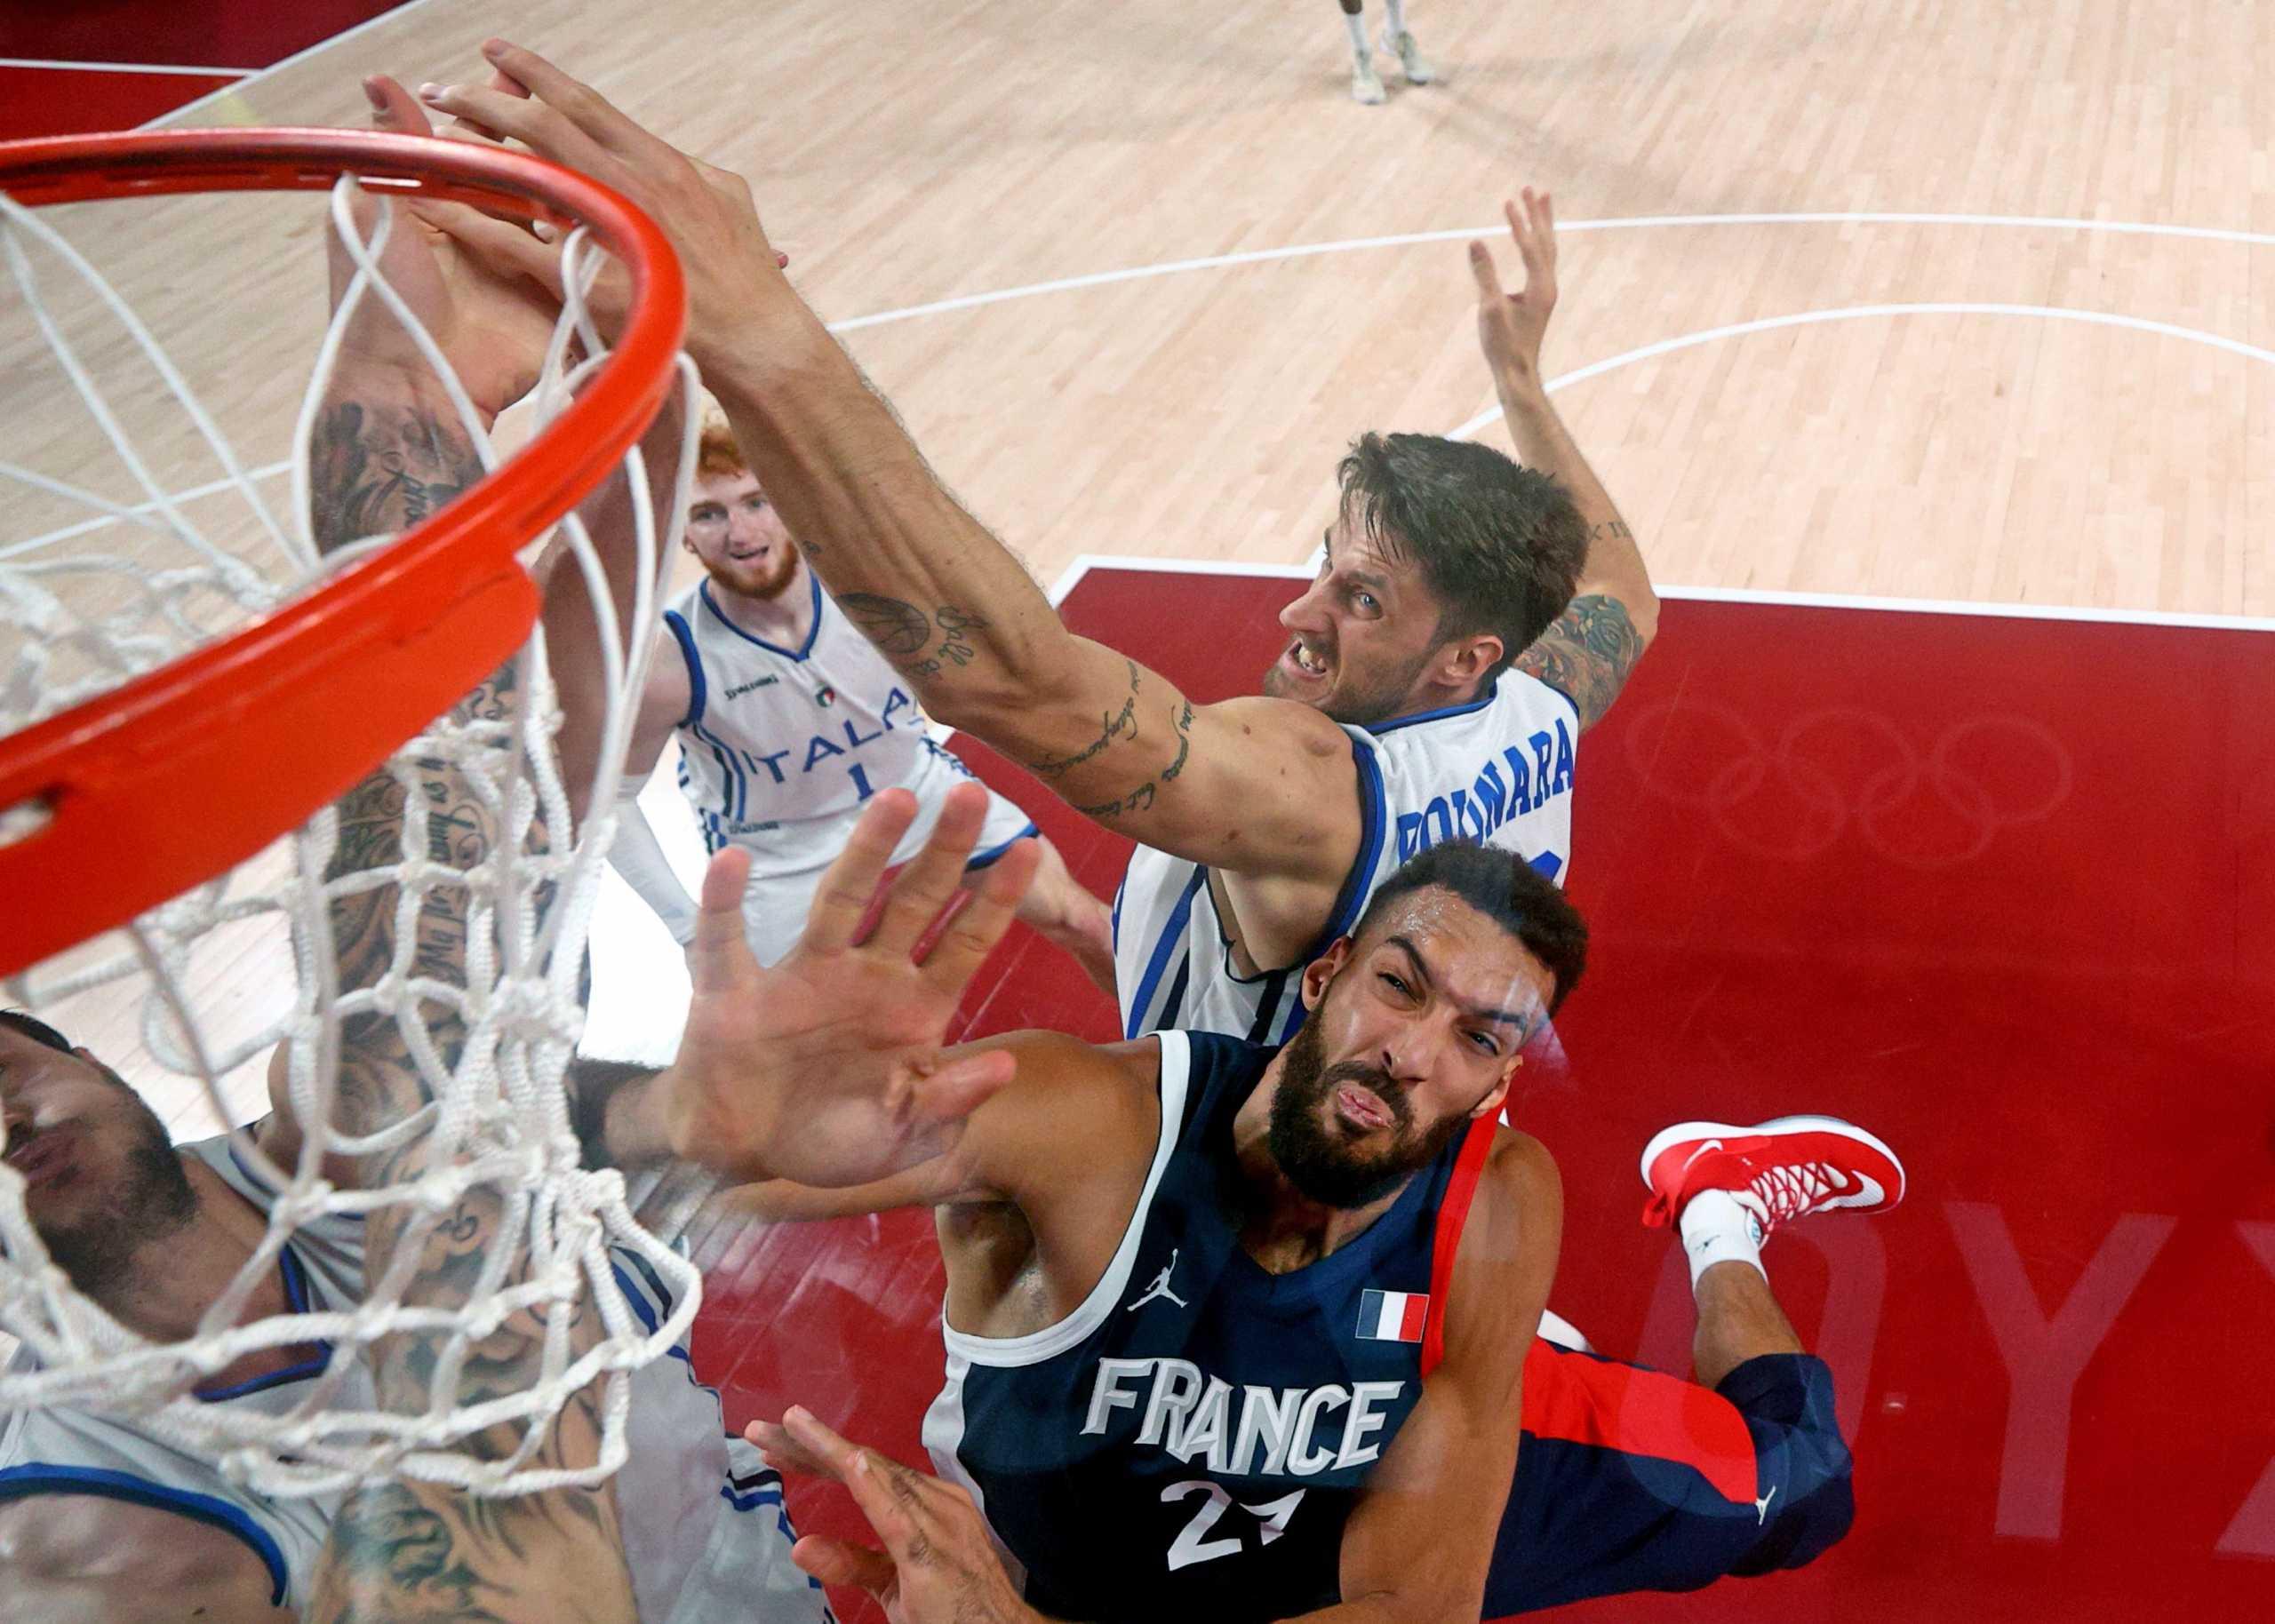 Ιταλία – Γαλλία 75-84: Στα ημιτελικά οι Γάλλοι, με Σλοβενία για μία θέση στο βάθρο